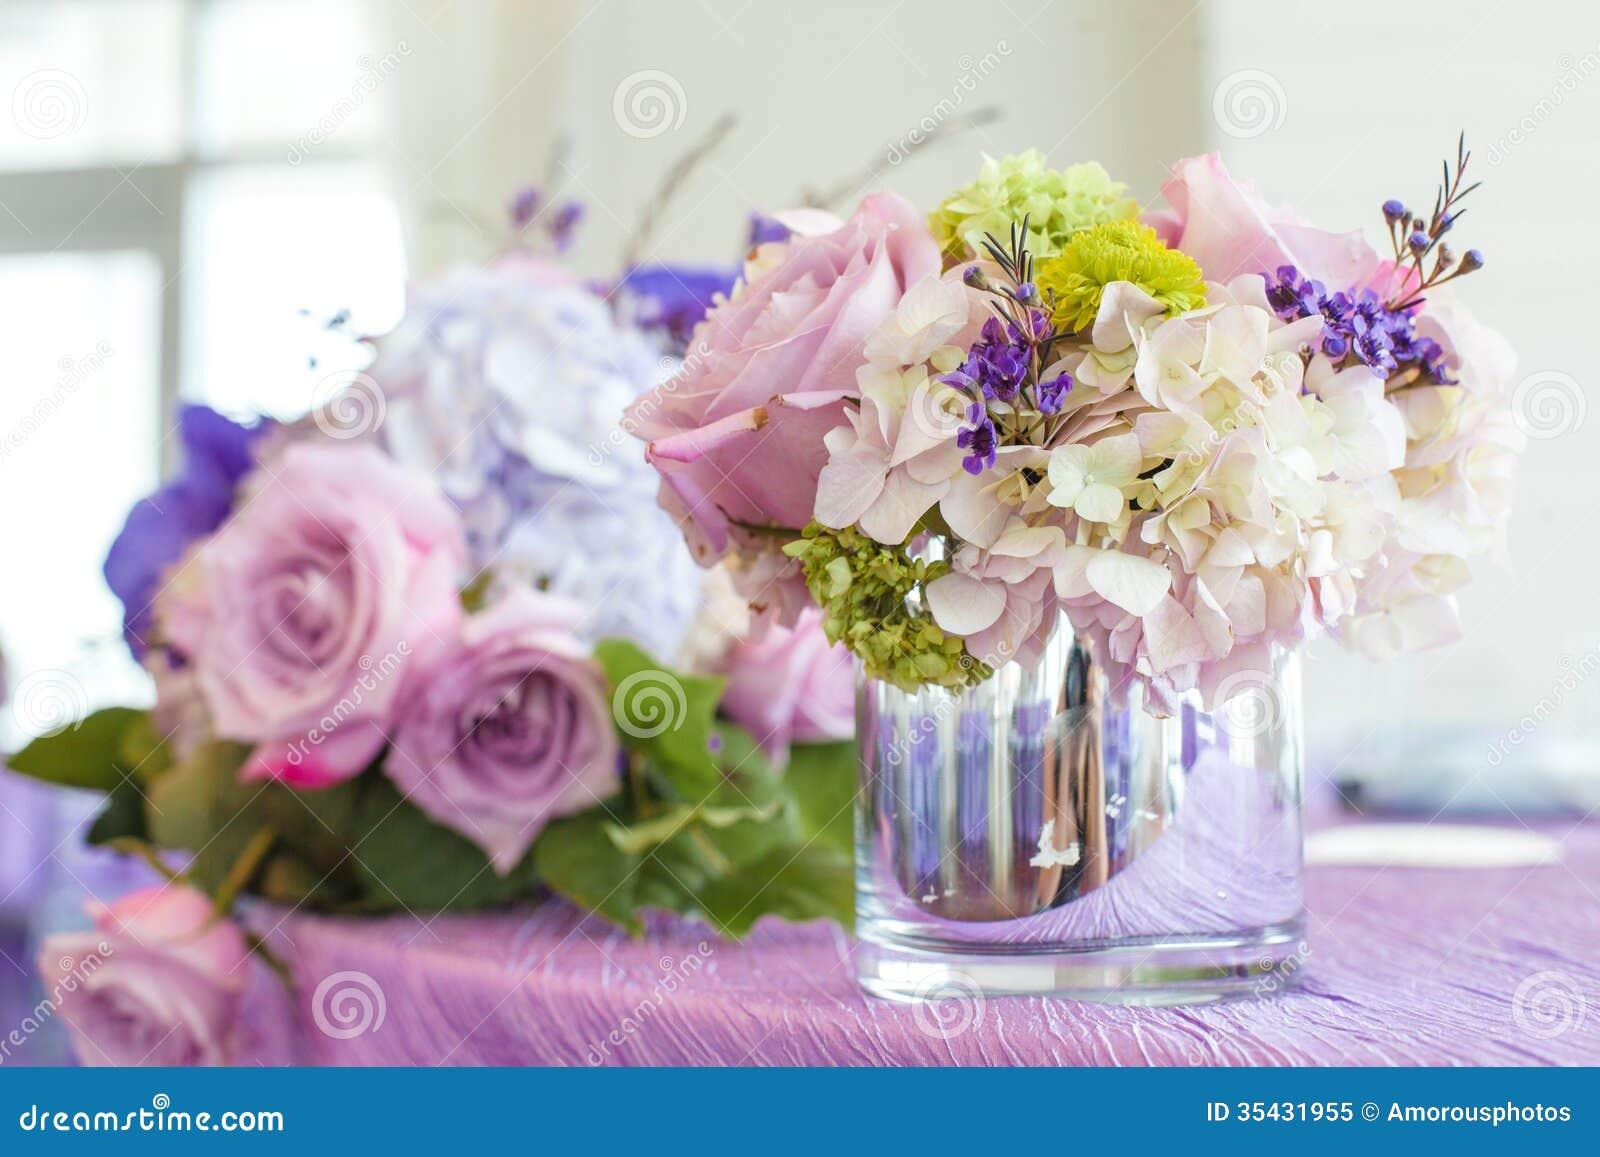 bouquets de fleur sur la table image stock - image du floraison